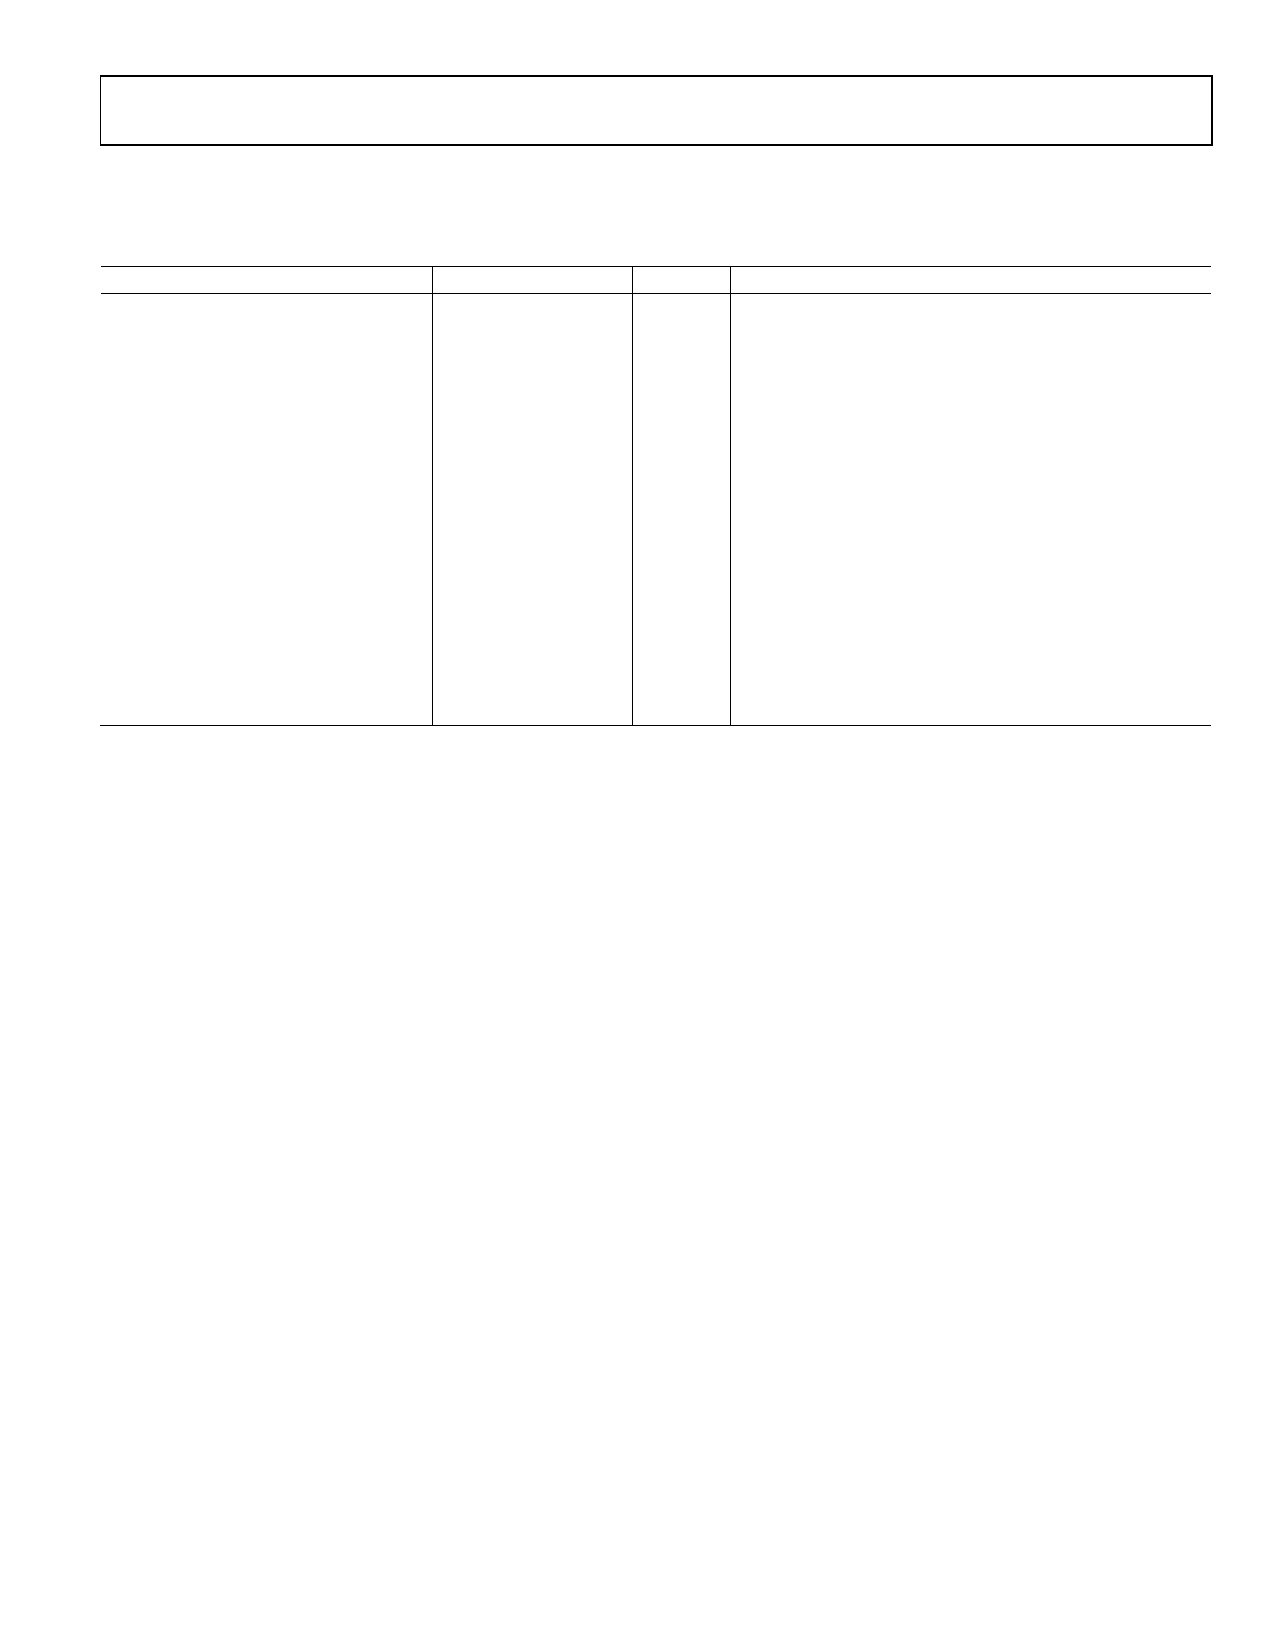 AD5667R pdf